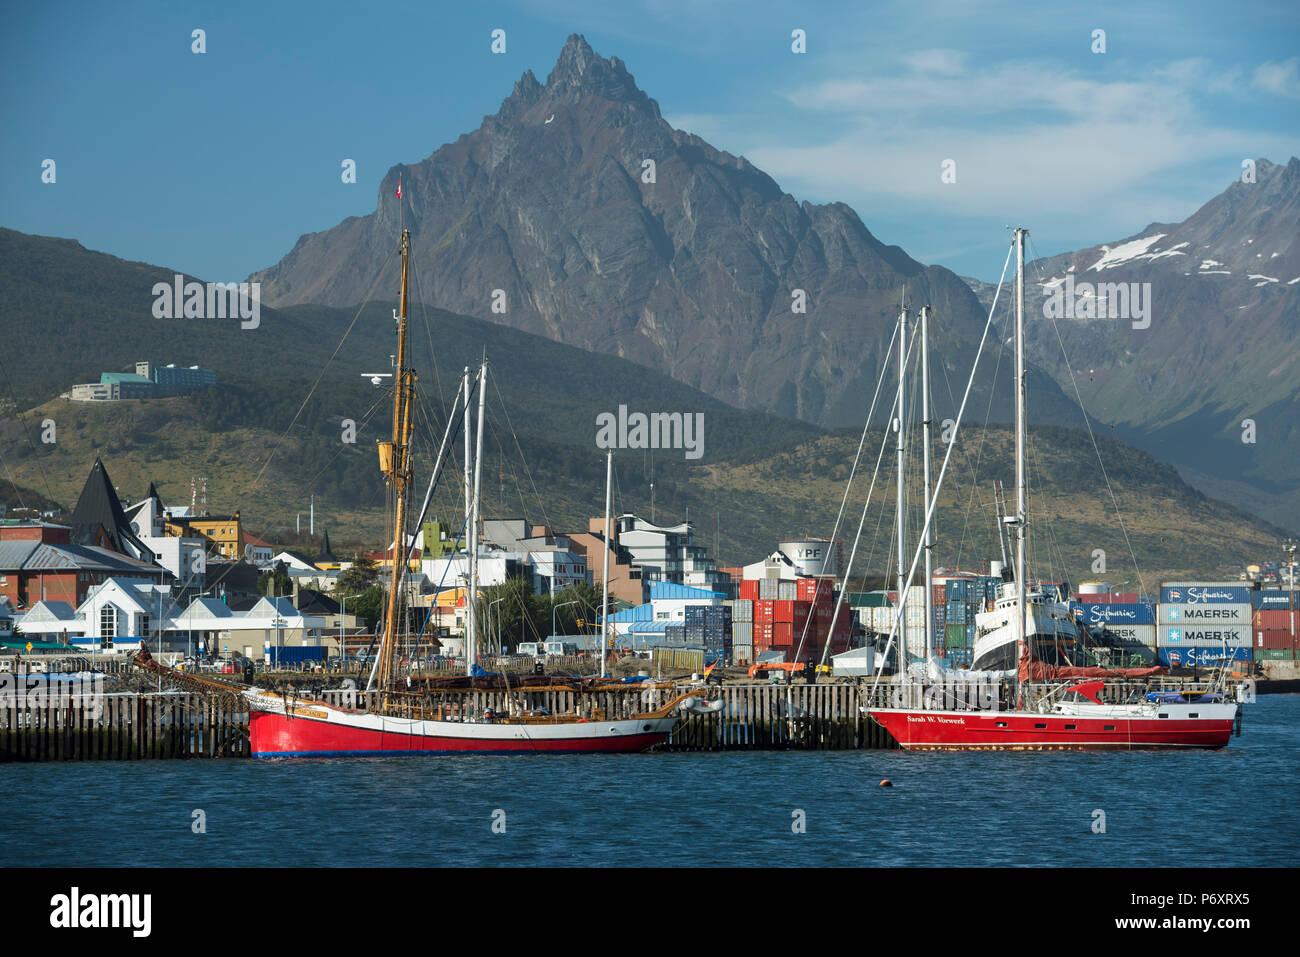 L'Amérique du Sud, Argentine, Terre de Feu, à Ushuaia Harbor Photo Stock